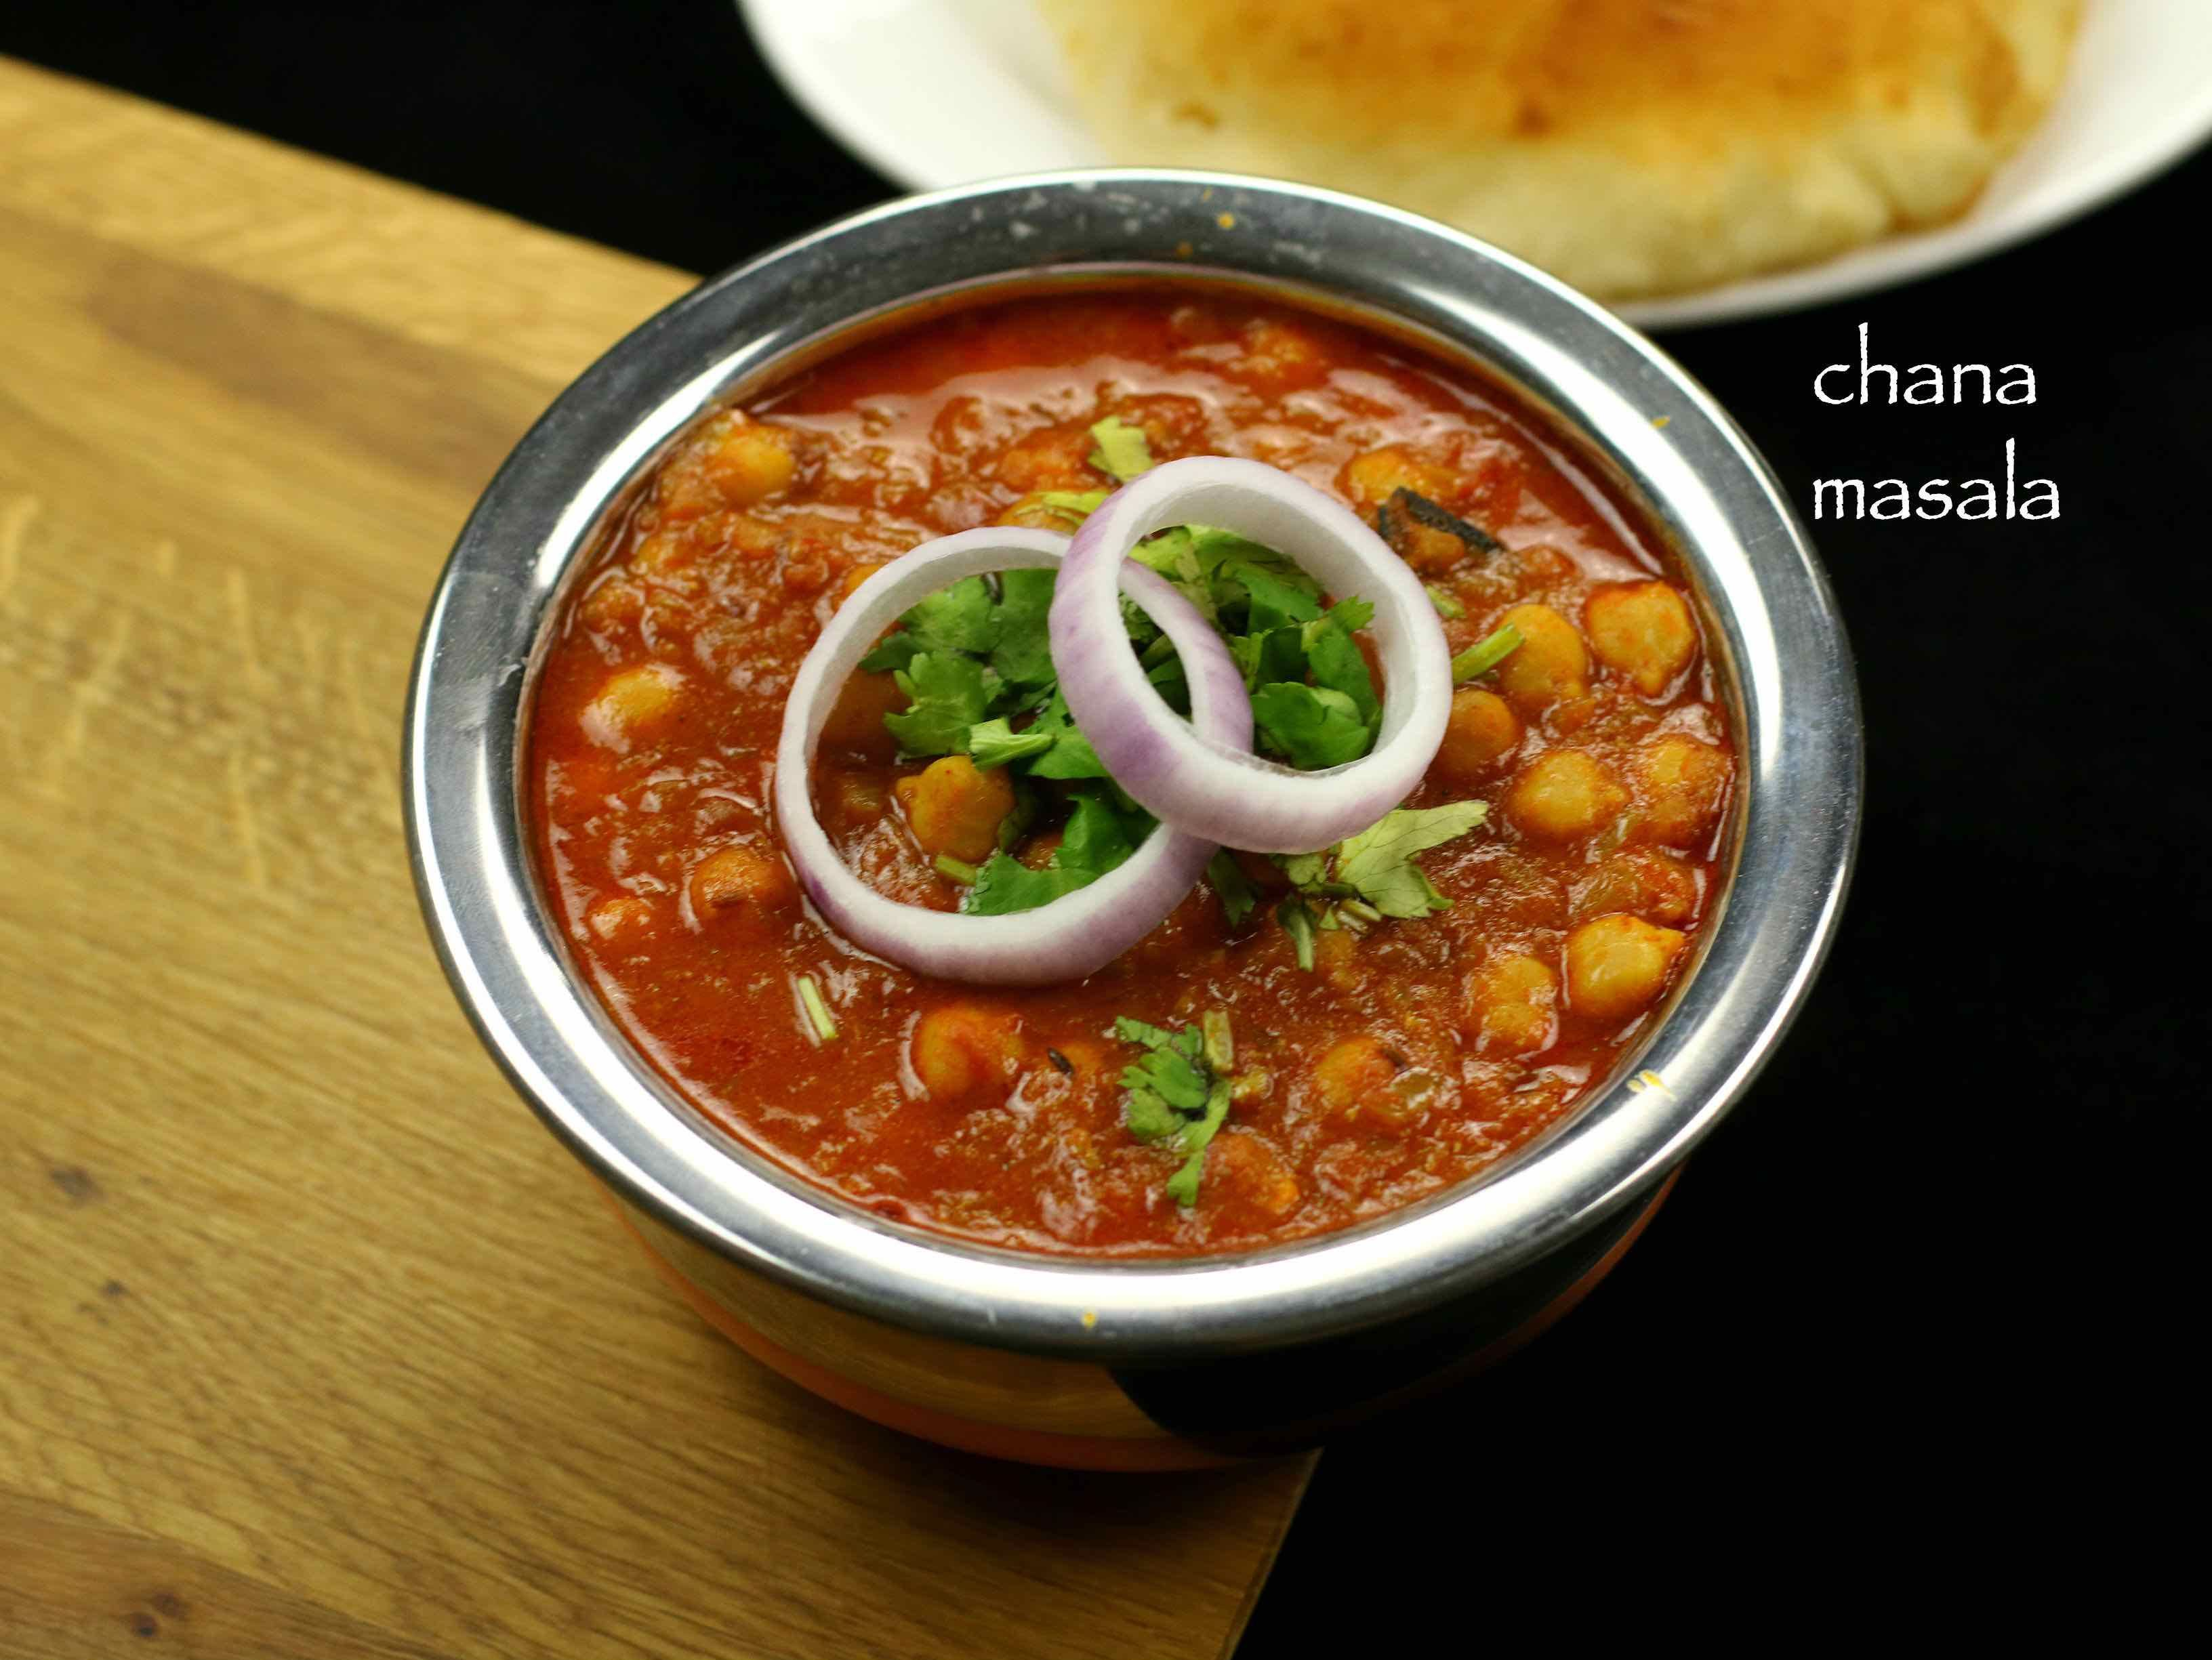 Chana masala recipe punjabi chole masala recipe with step by step chana masala recipe punjabi chole masala recipe with step by step photovideo recipe forumfinder Image collections